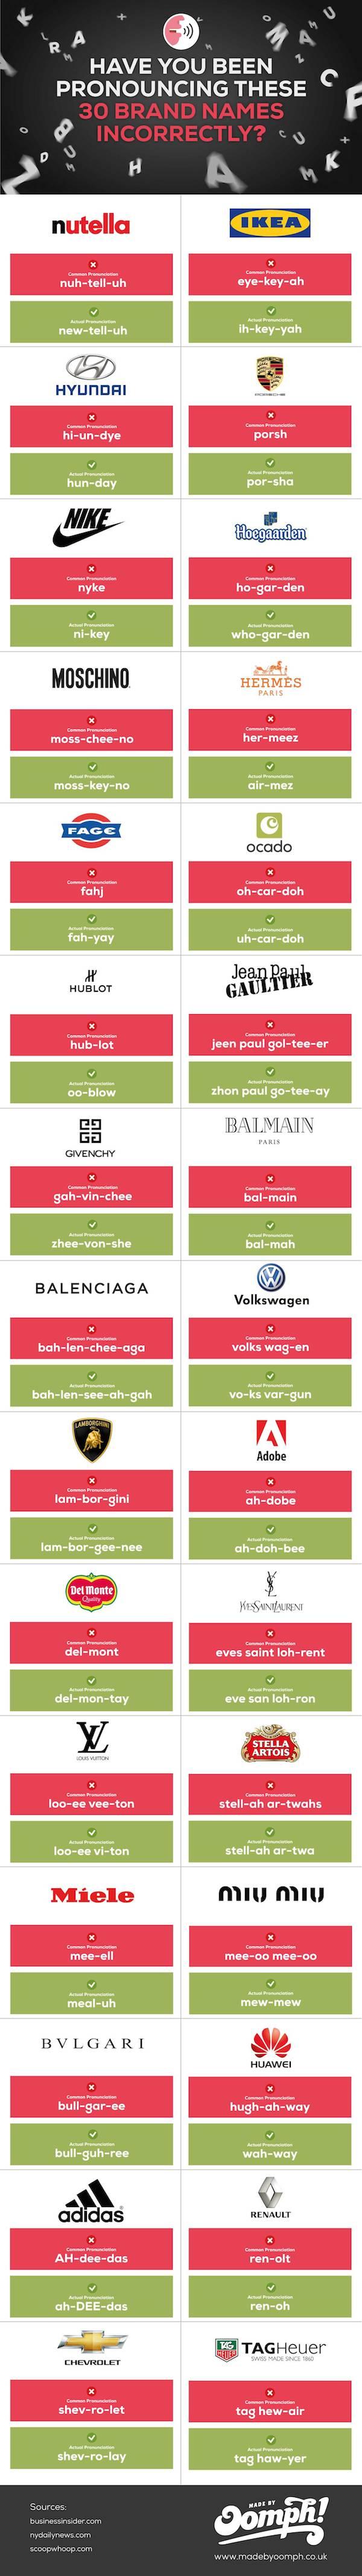 Инфографика правильного произношения названий известных брендов